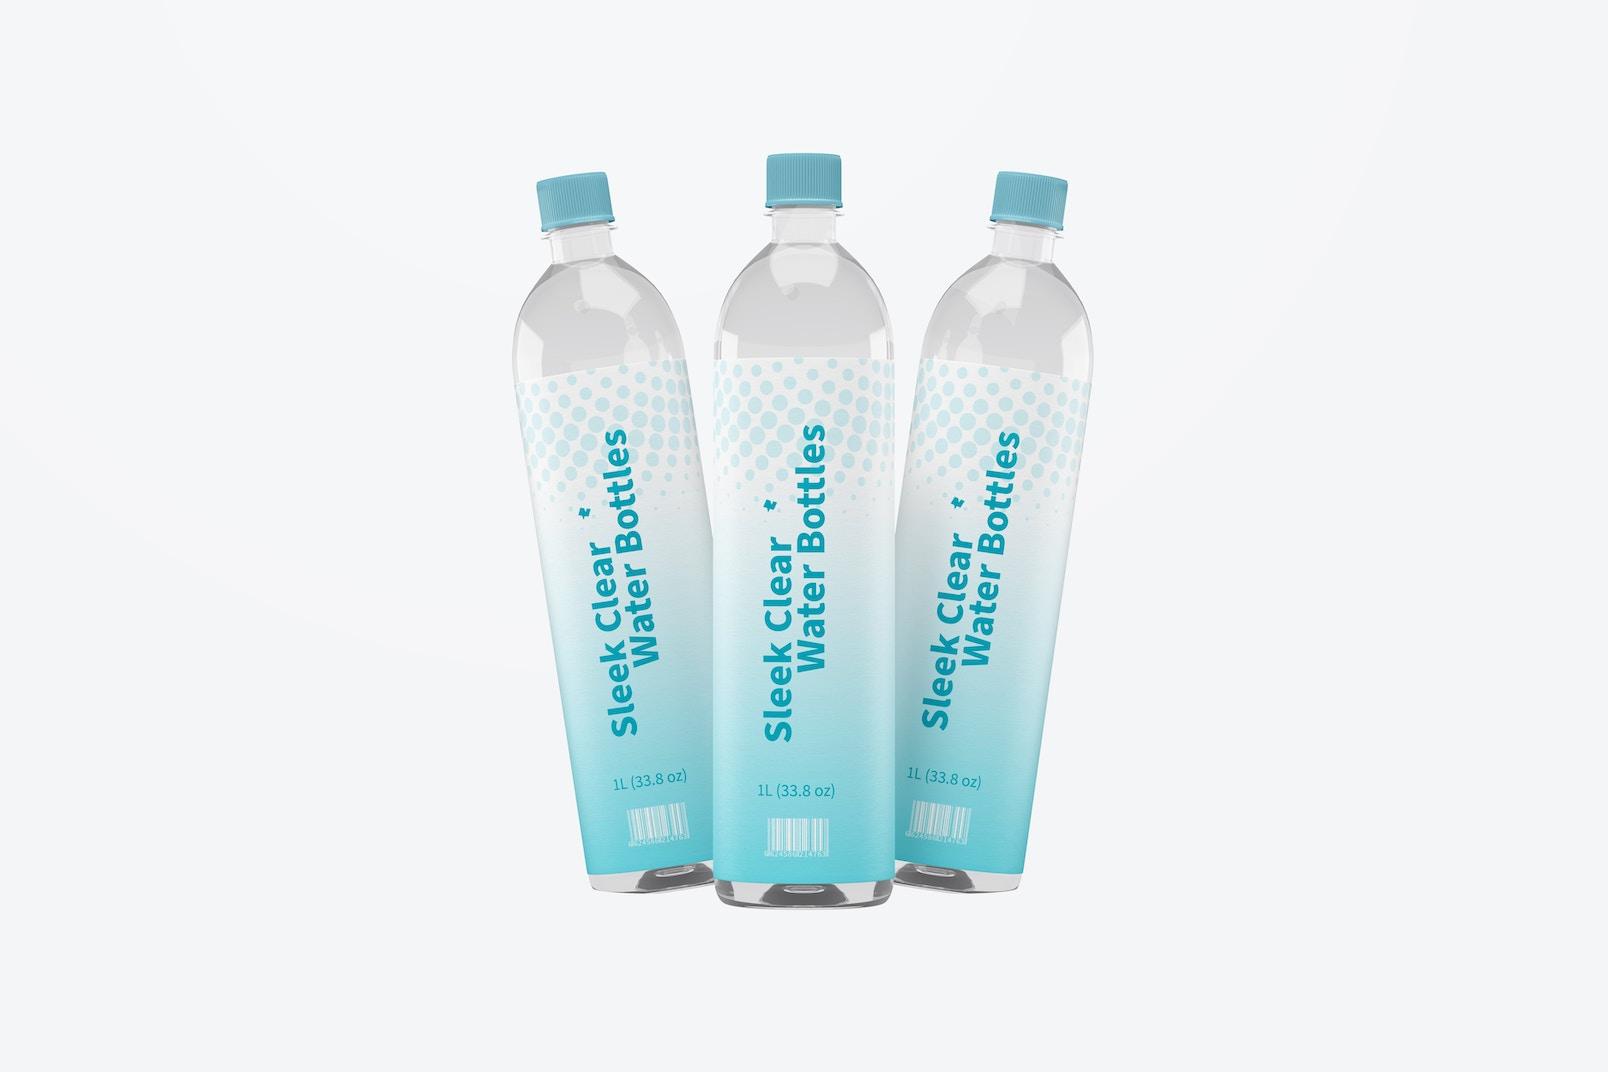 1L Sleek Clear Water Bottles Mockup